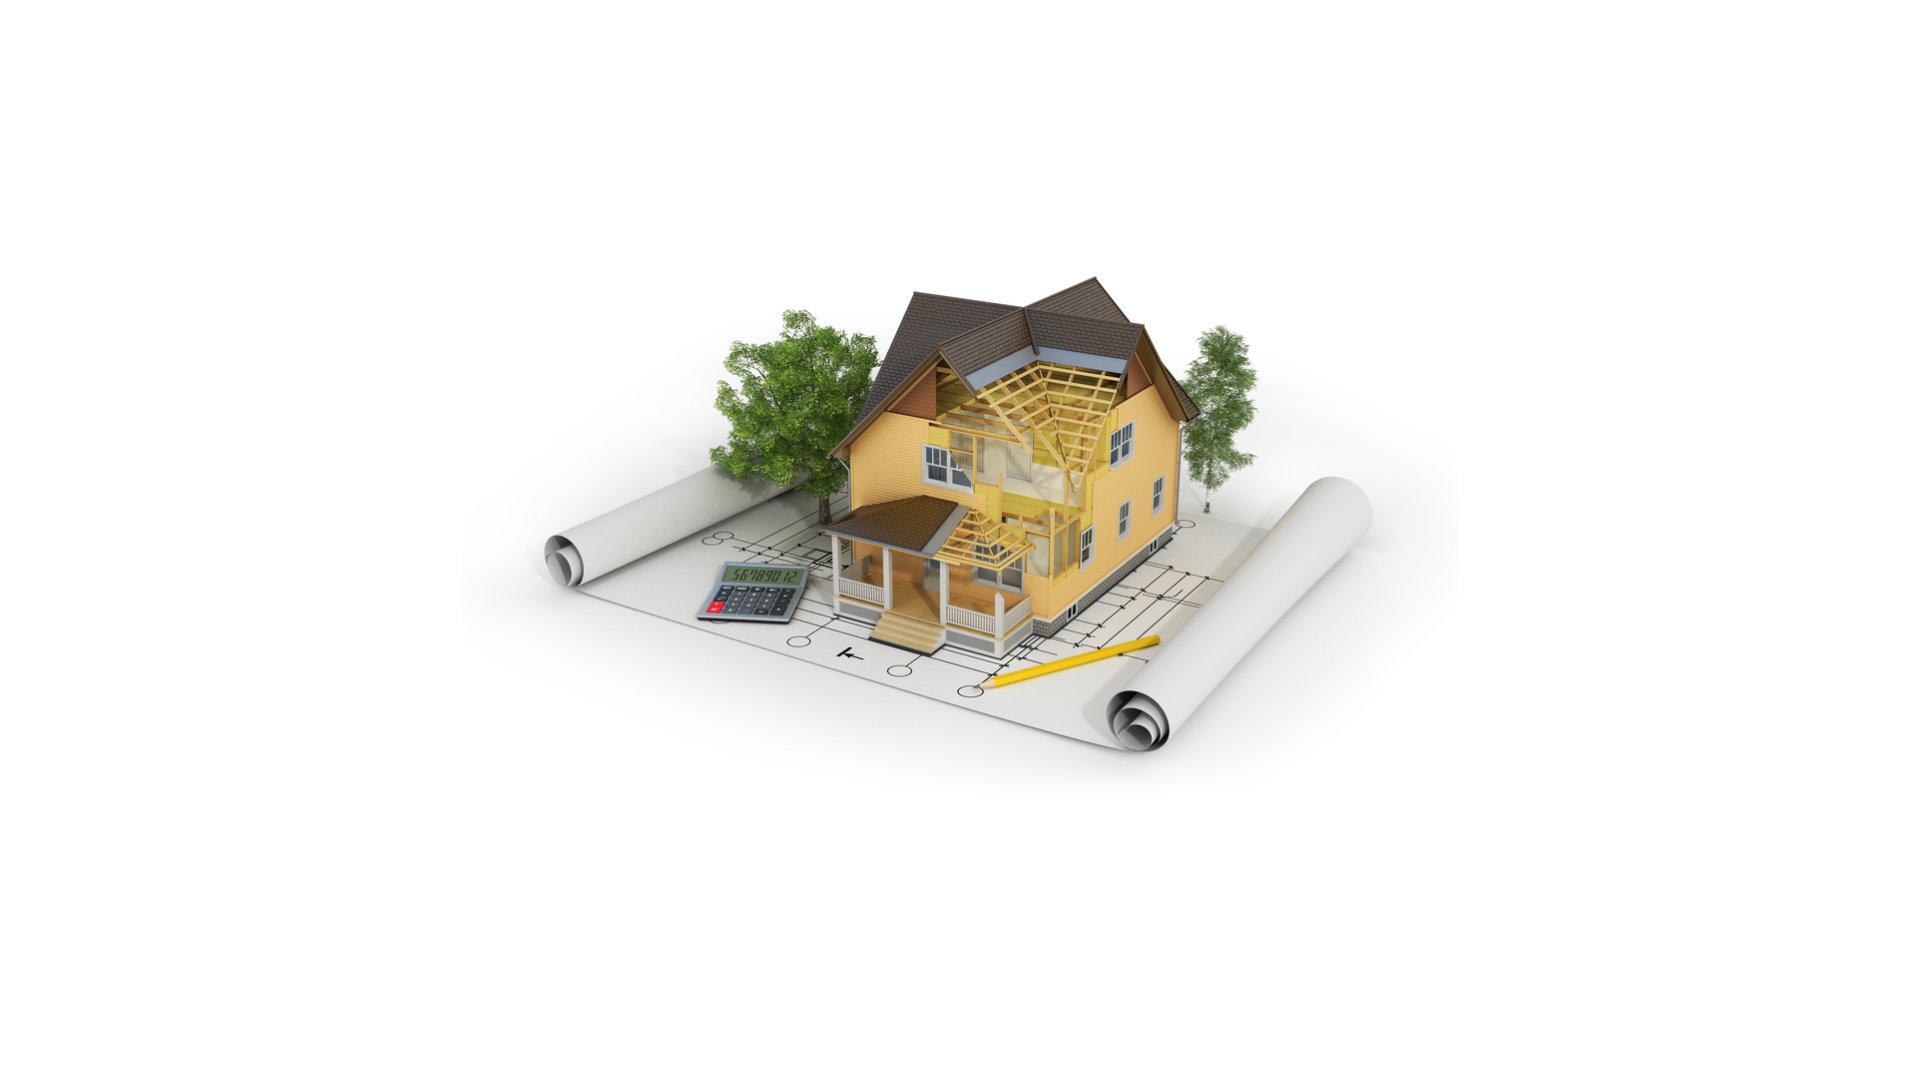 Låter du arkitekten bygga ditt hus?